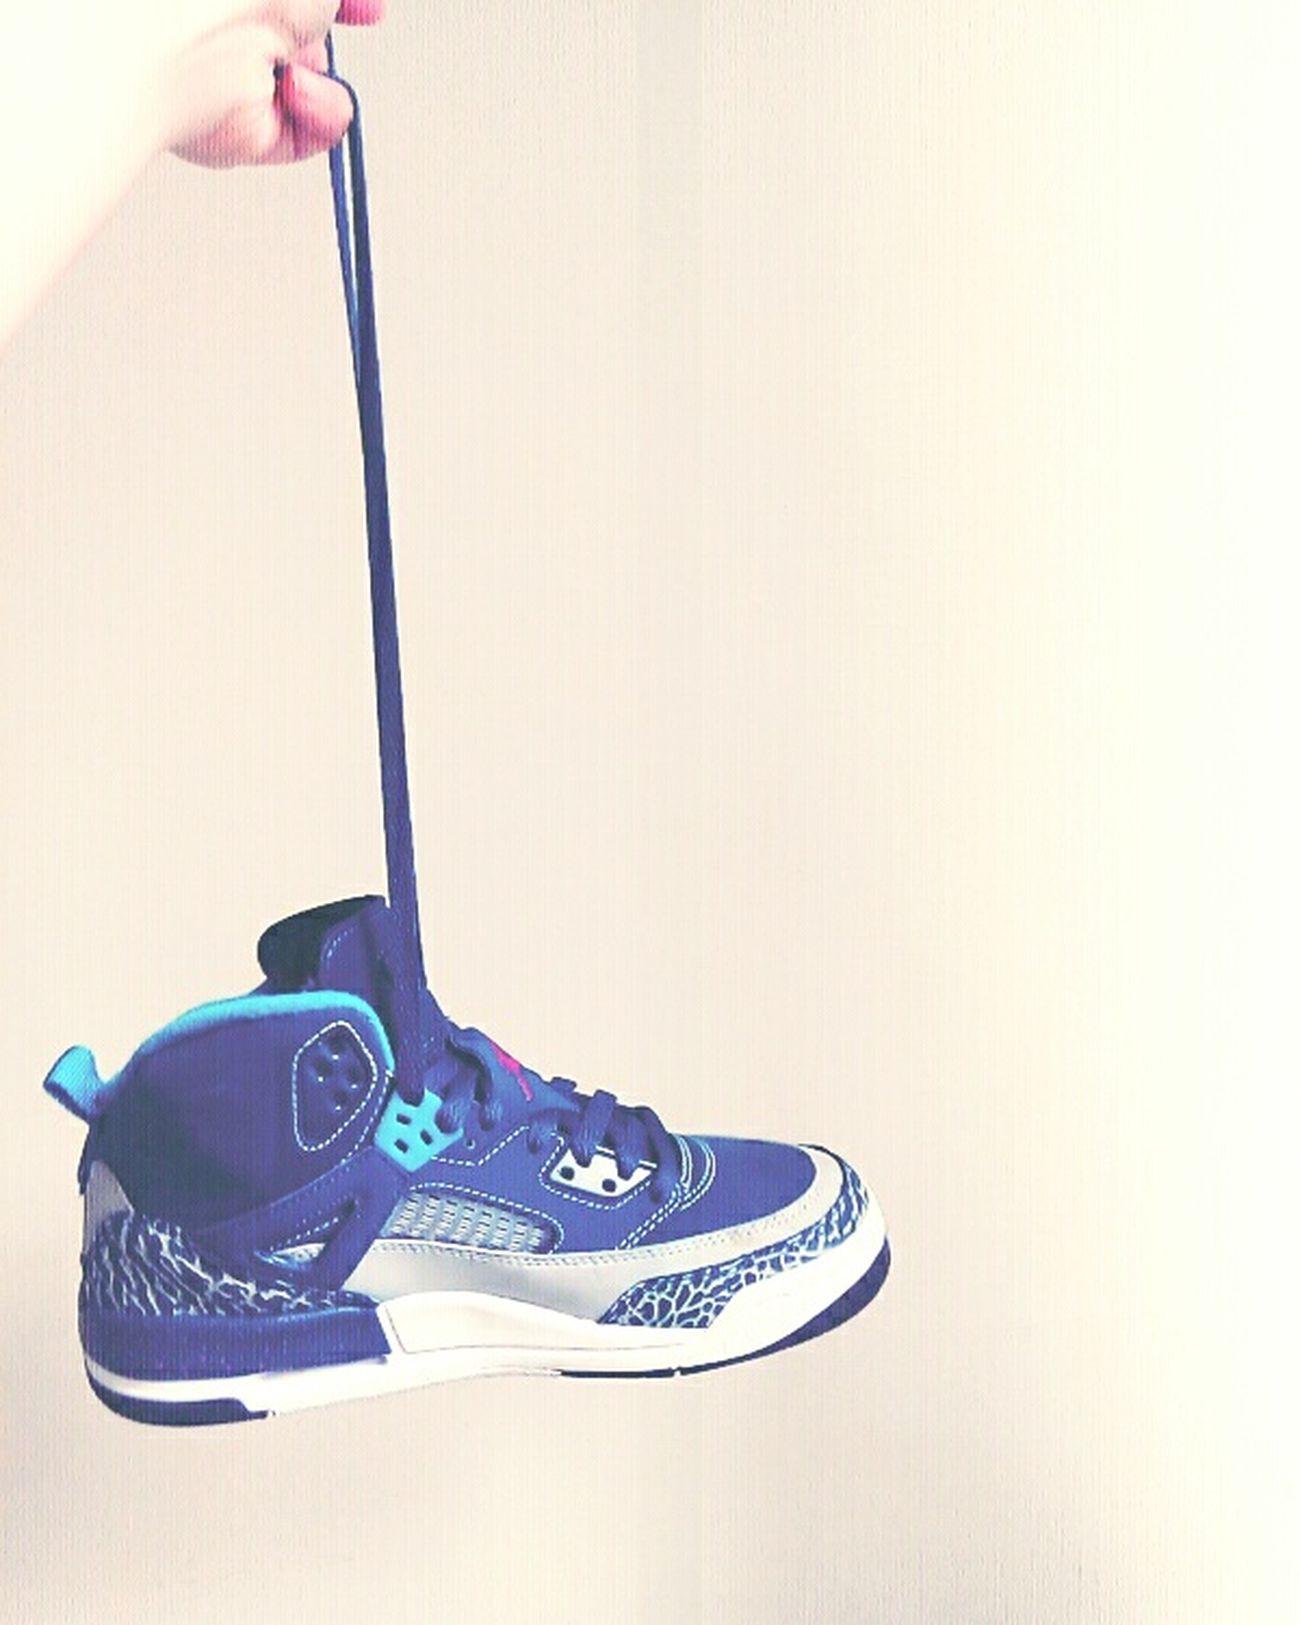 謝謝哥的禮物😚我不會說我不喜歡的哈哈愛你♥HelloEyeEm Jordans Shoes Surprise Gift Wow!! Lolllllll